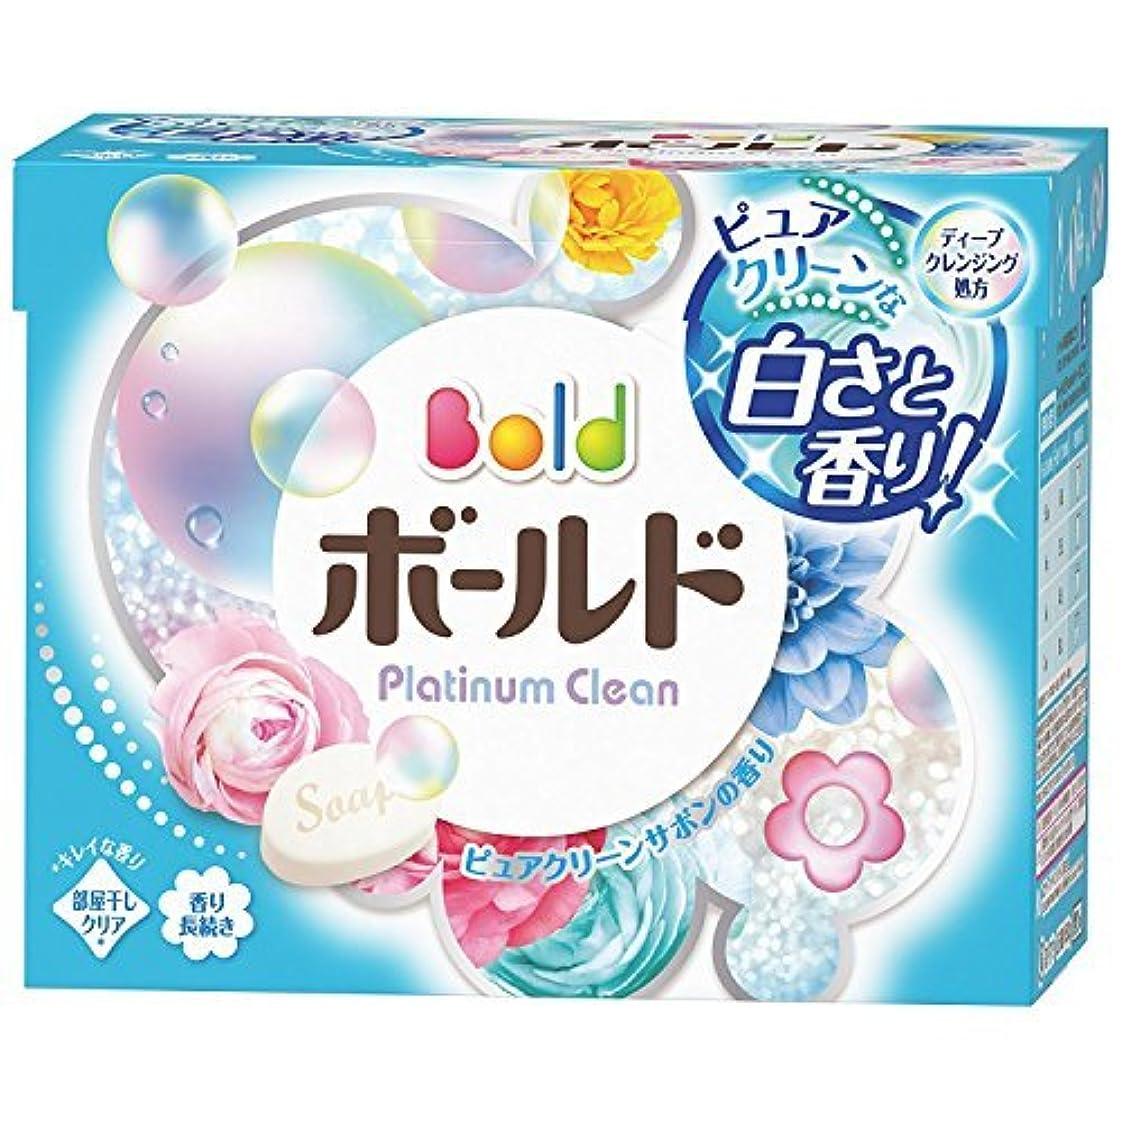 上記の頭と肩夕方合体【P&G】ボールド プラチナクリーン 香りのサプリイン 粉末 850g ×5個セット